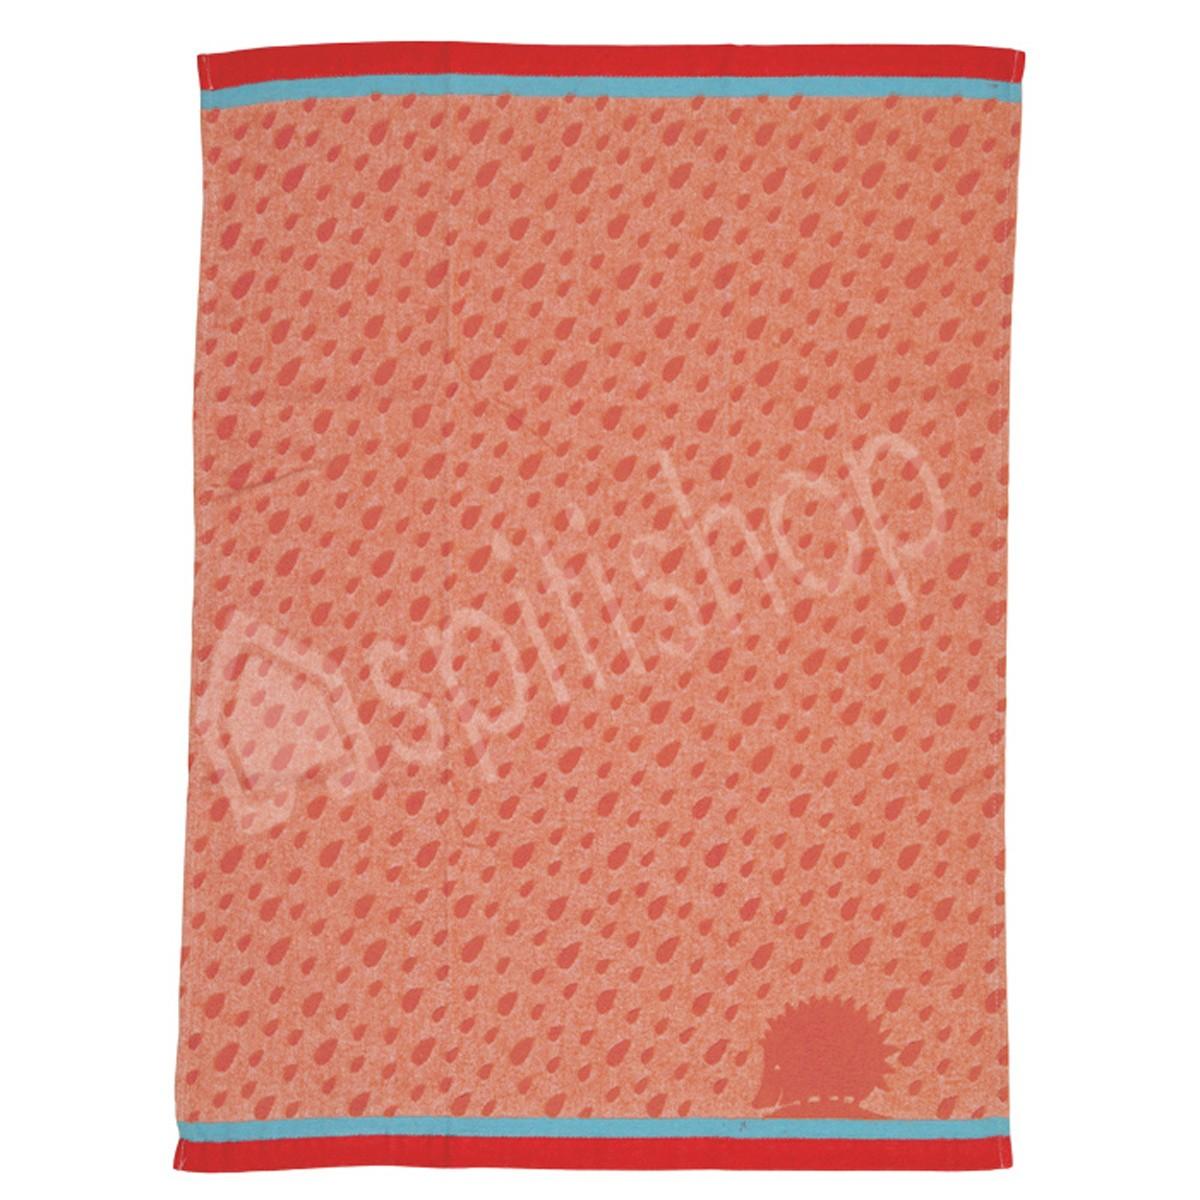 Κουβέρτα Αγκαλιάς Fleece David Fussenegger Ida 2808/73 home   βρεφικά   κουβέρτες βρεφικές   κουβέρτες fleece